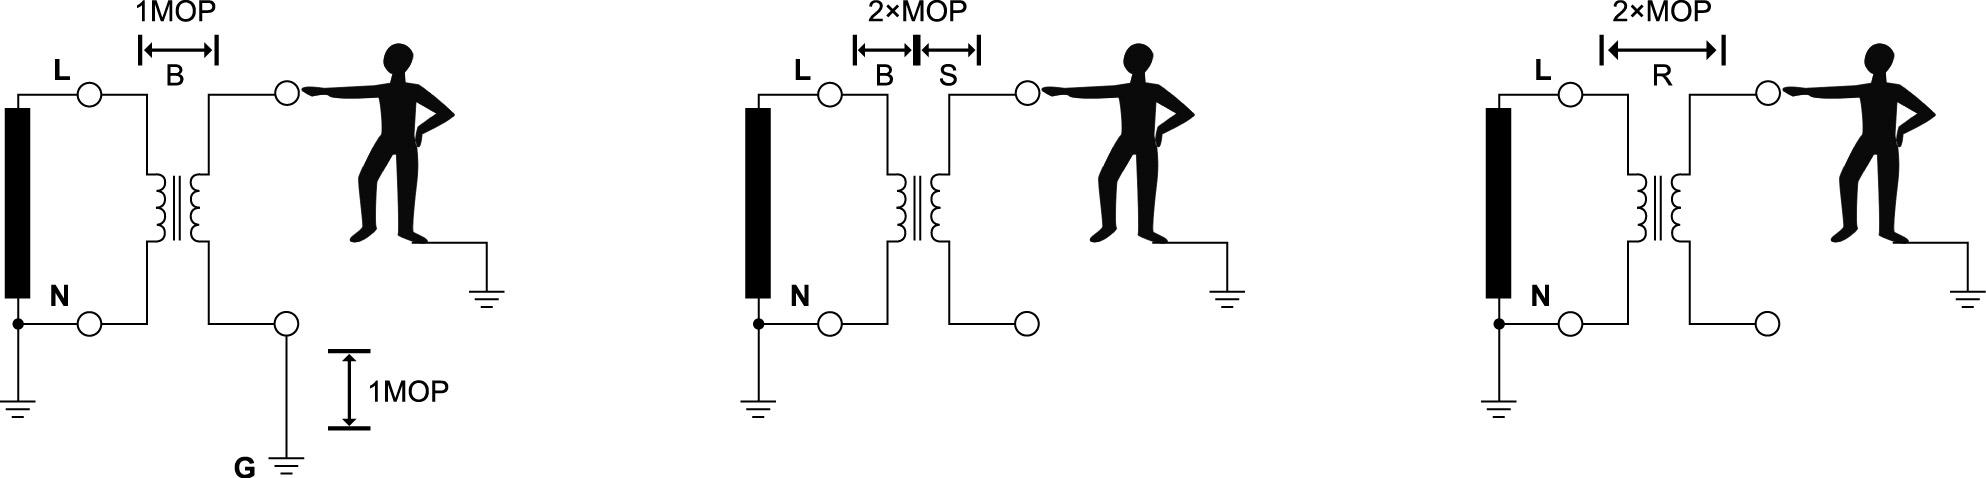 Создание порогов безопасности электрического устройства: